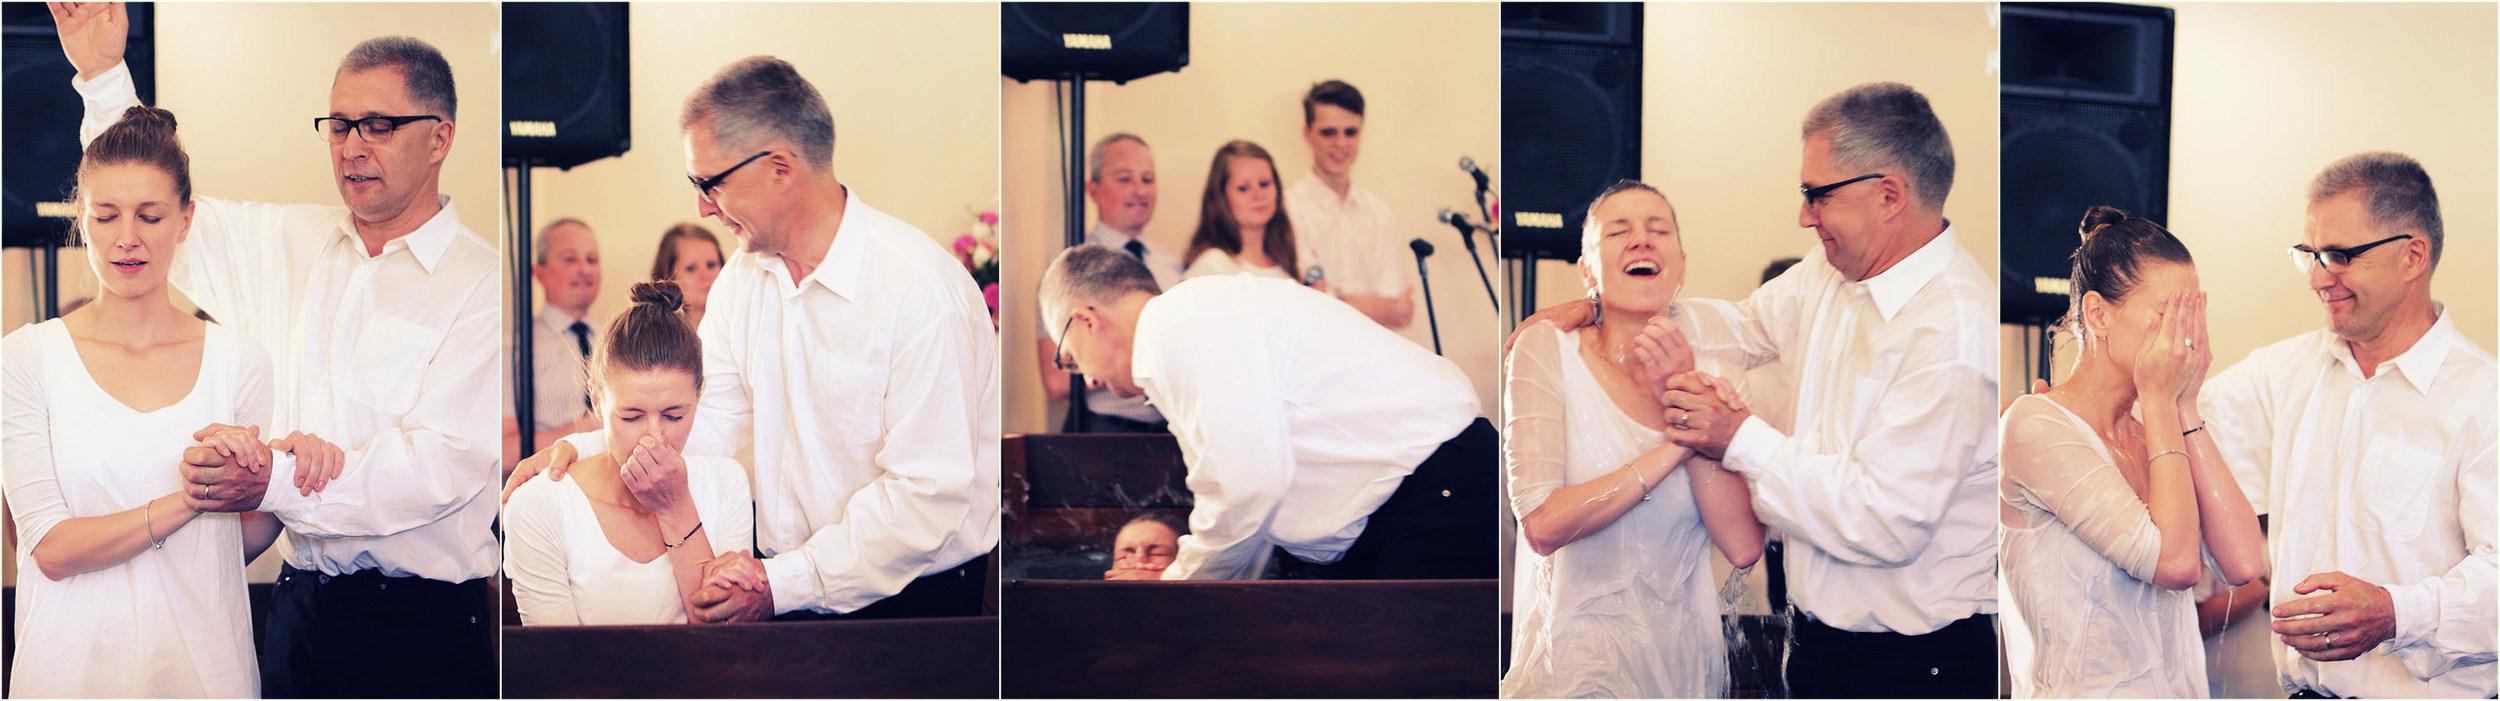 cudowne chwile oddania życia Jezusowi... - najlepsza decyzja w życiu